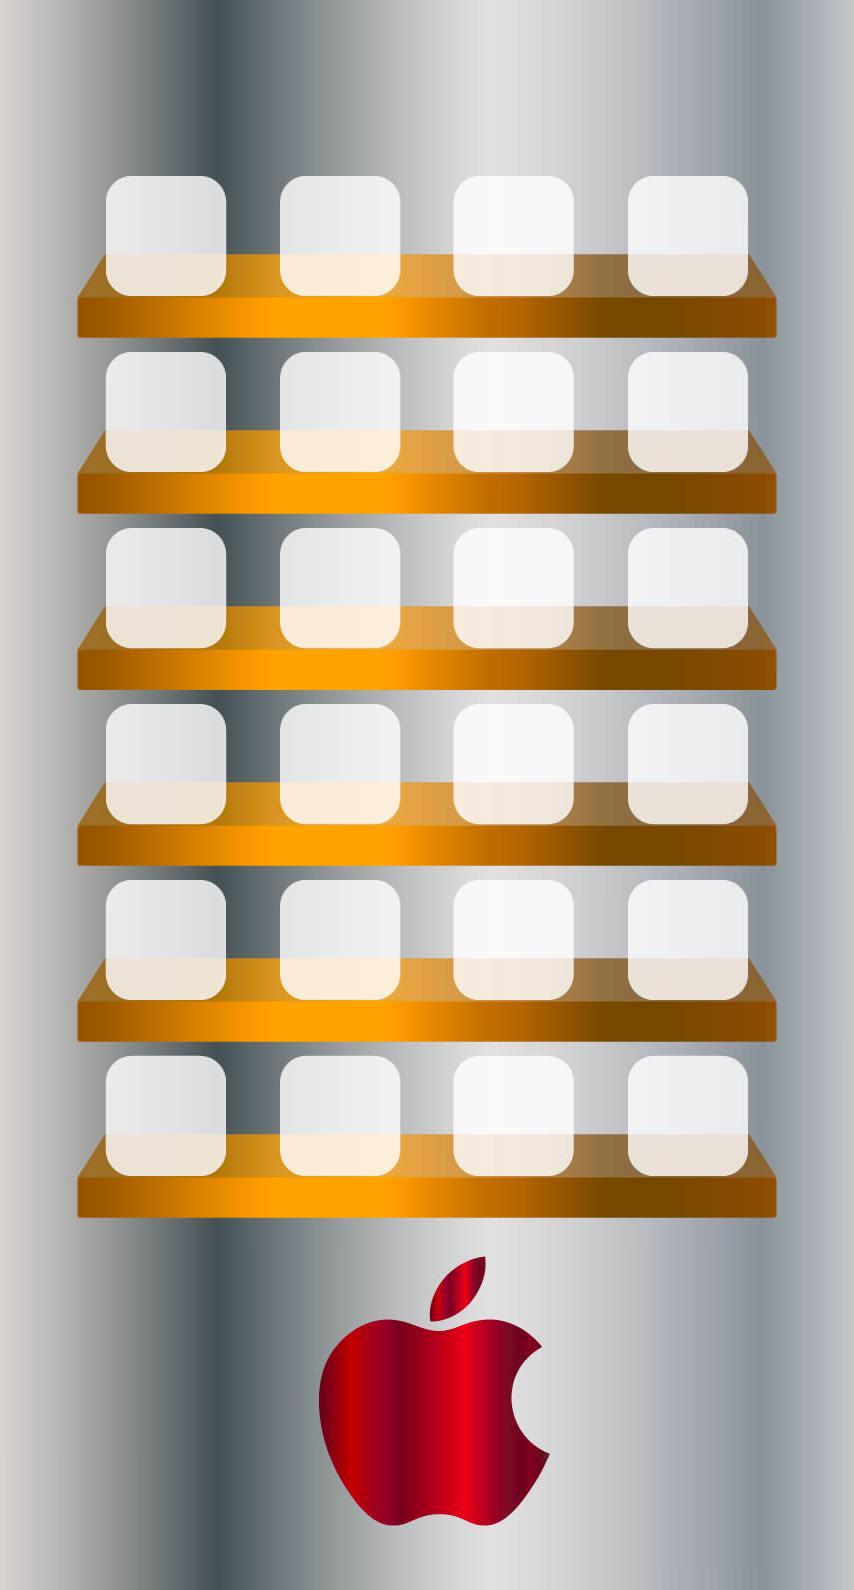 ブランデー カーペット 期限 Iphone7 棚 Pydinfo Com